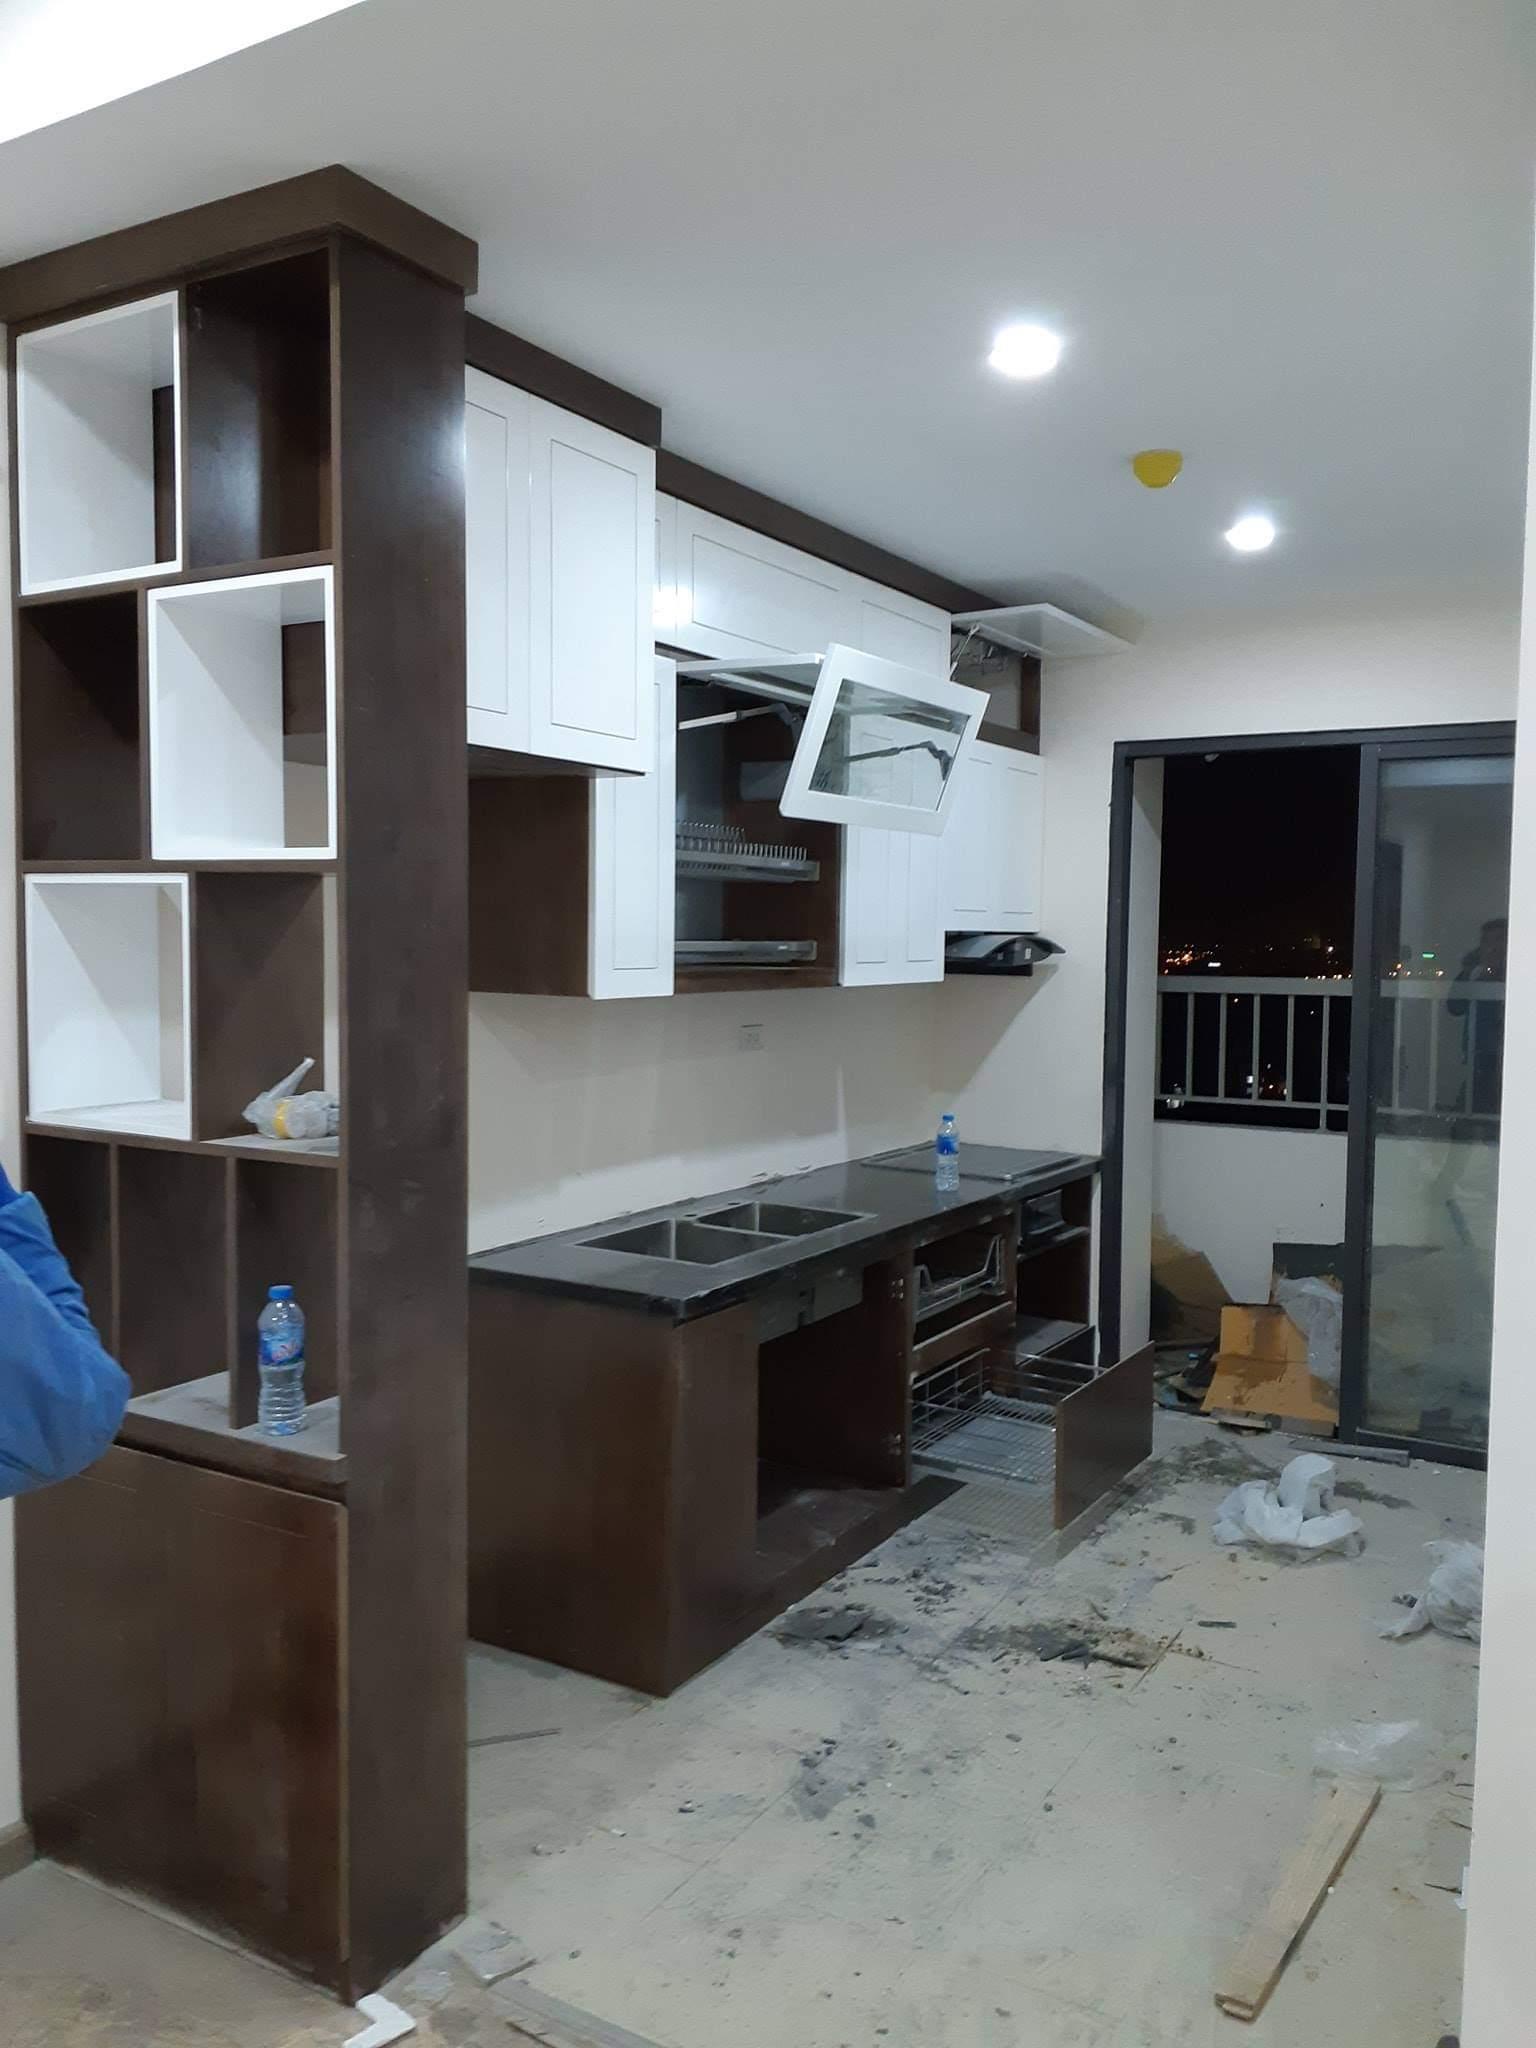 Mẫu tủ bếp kết hợp tủ rượu với thiết kế thông minh.